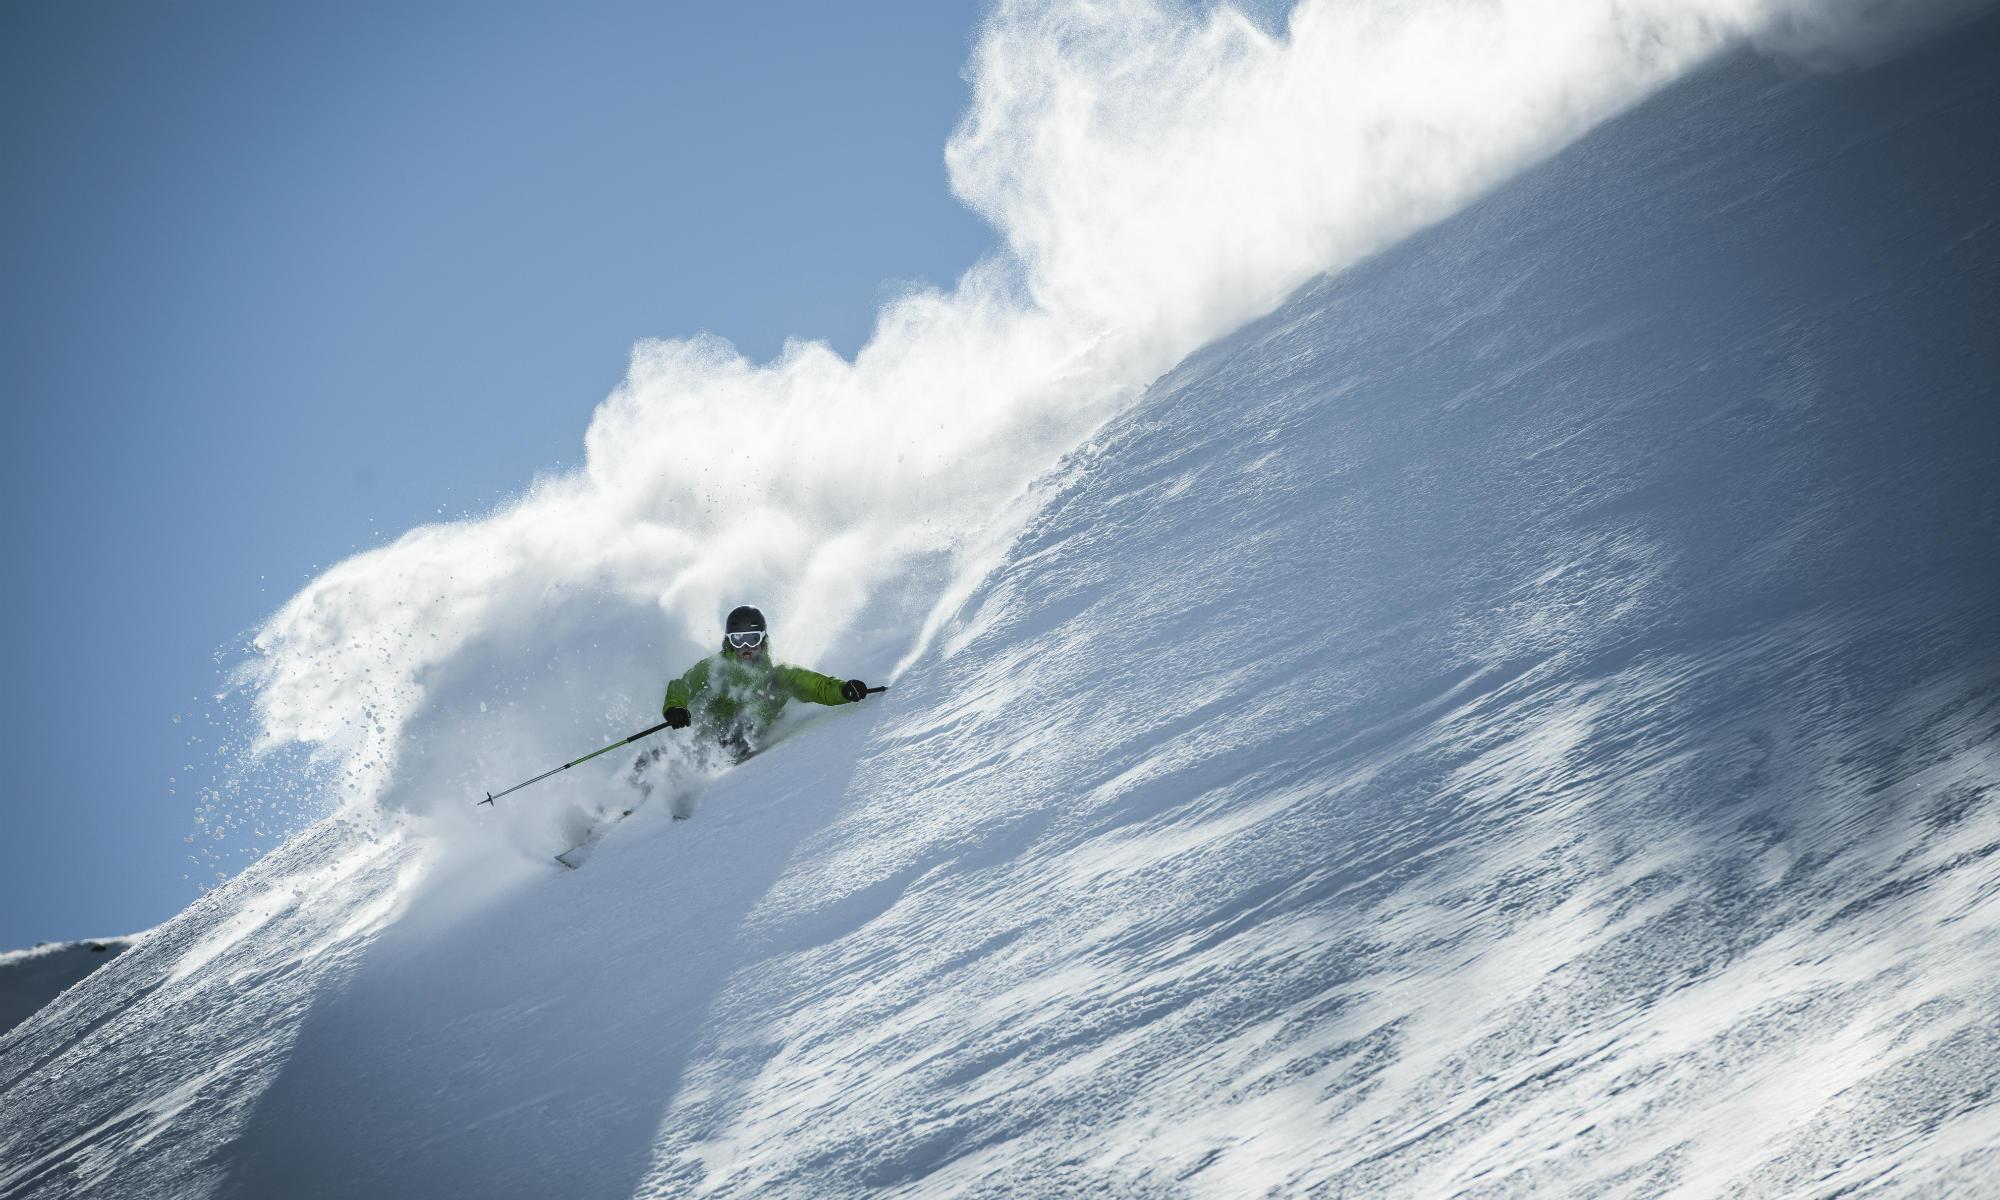 Ein Freerider beim Skifahren im tiefen Pulverschnee.